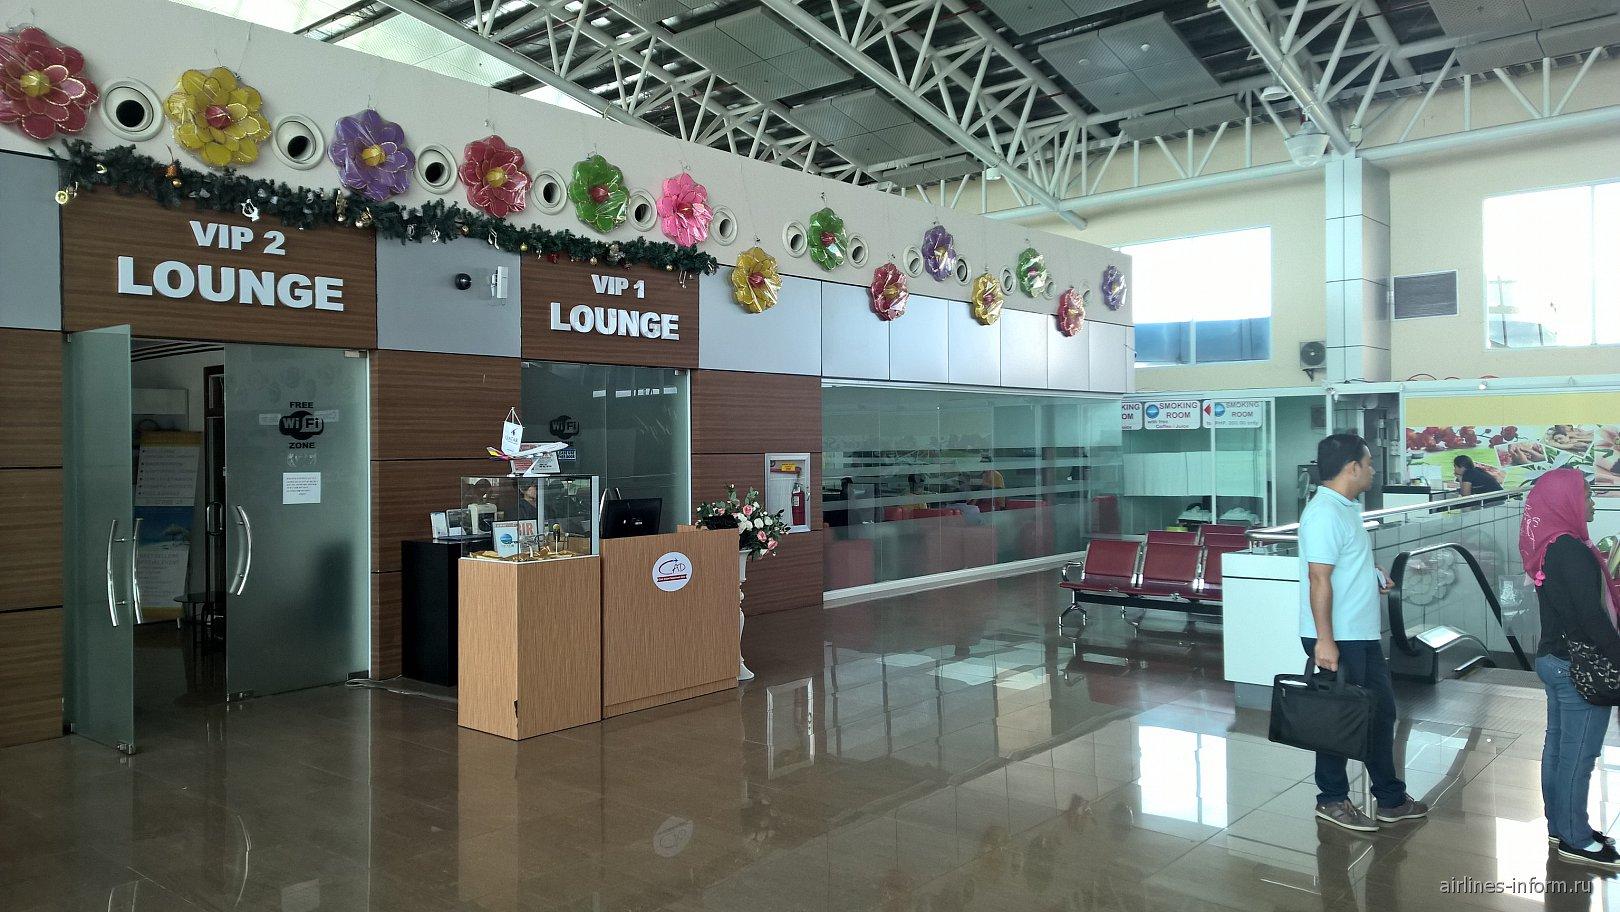 Входы в бизнес-залы в аэропорту Кларк